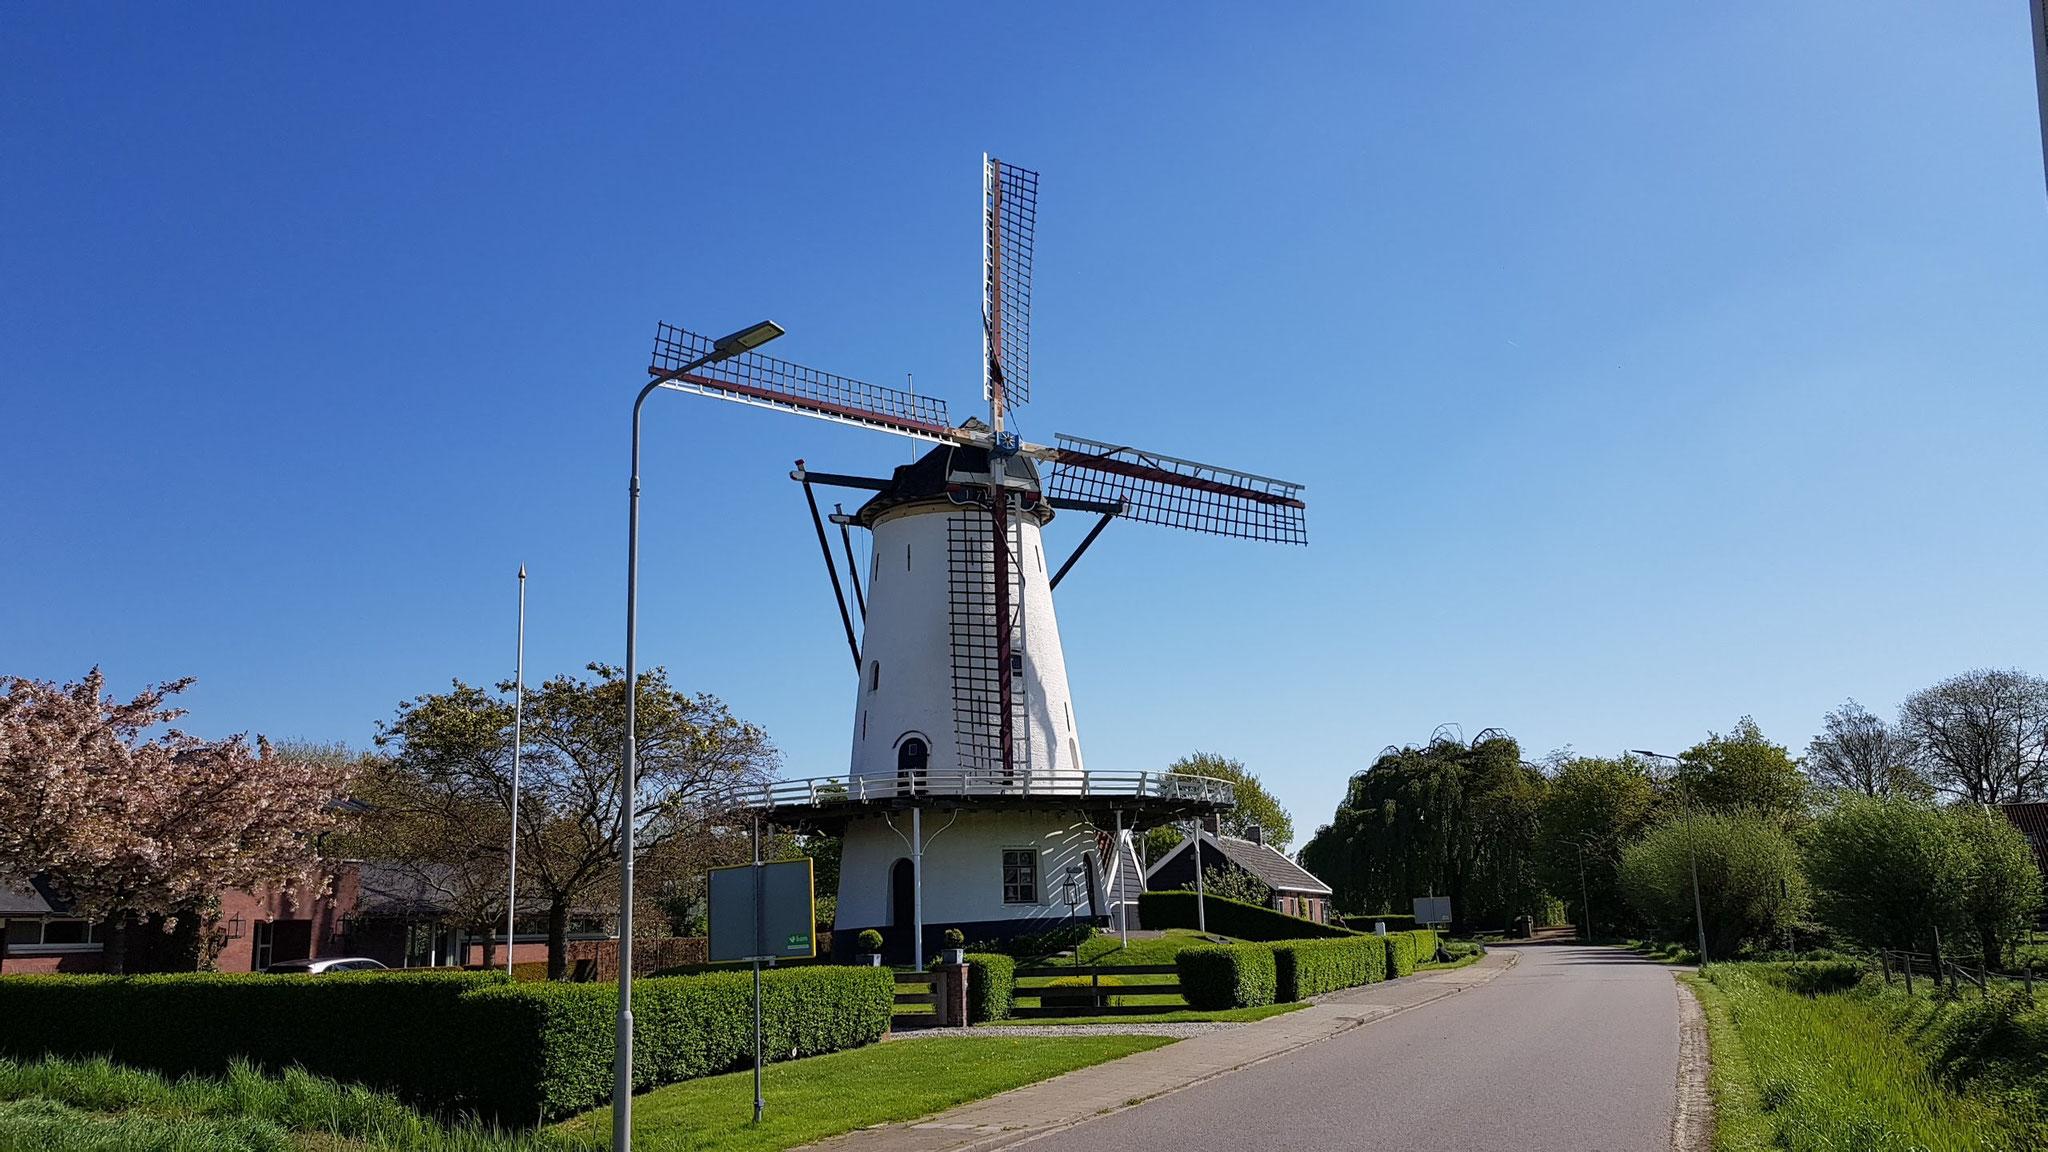 Mühle bei Kloetinge